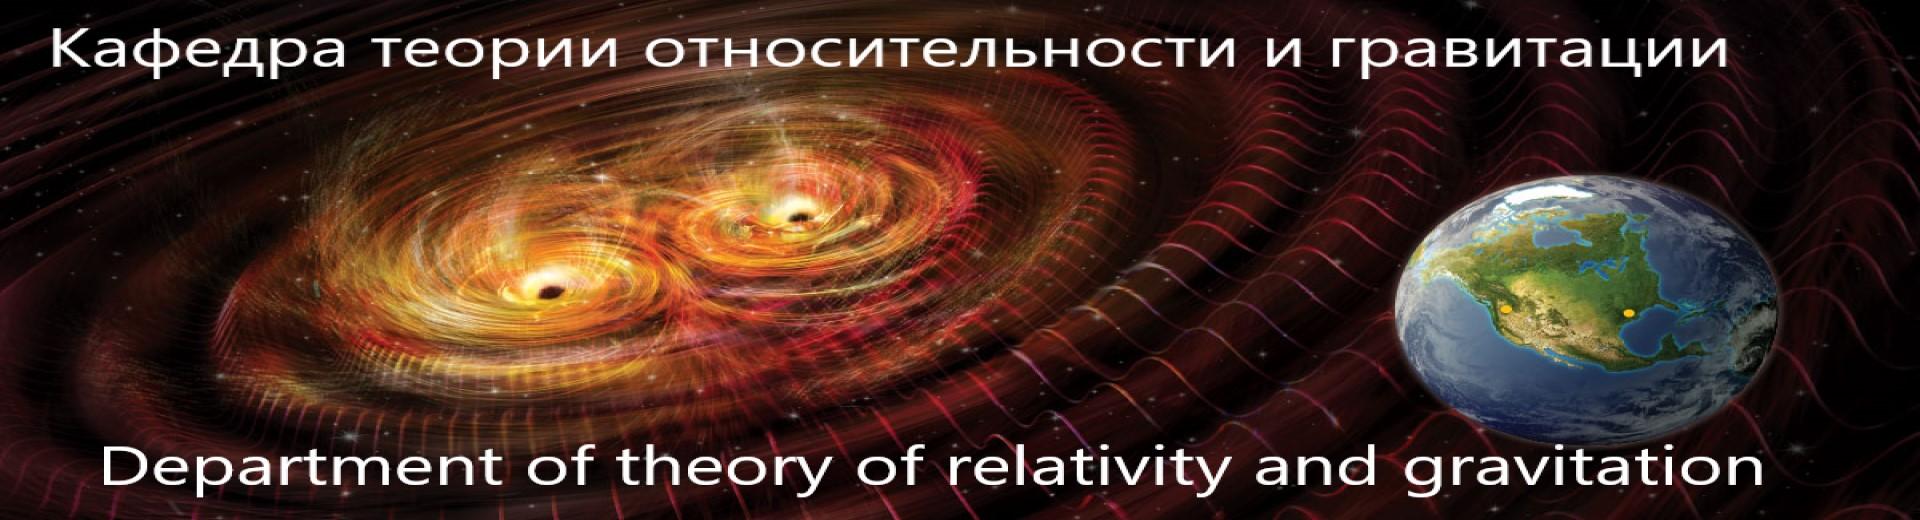 Портал КФУ \ Образование \ Институт физики \ Институт физики \ Кафедры \ Кафедра теории относительности и гравитации